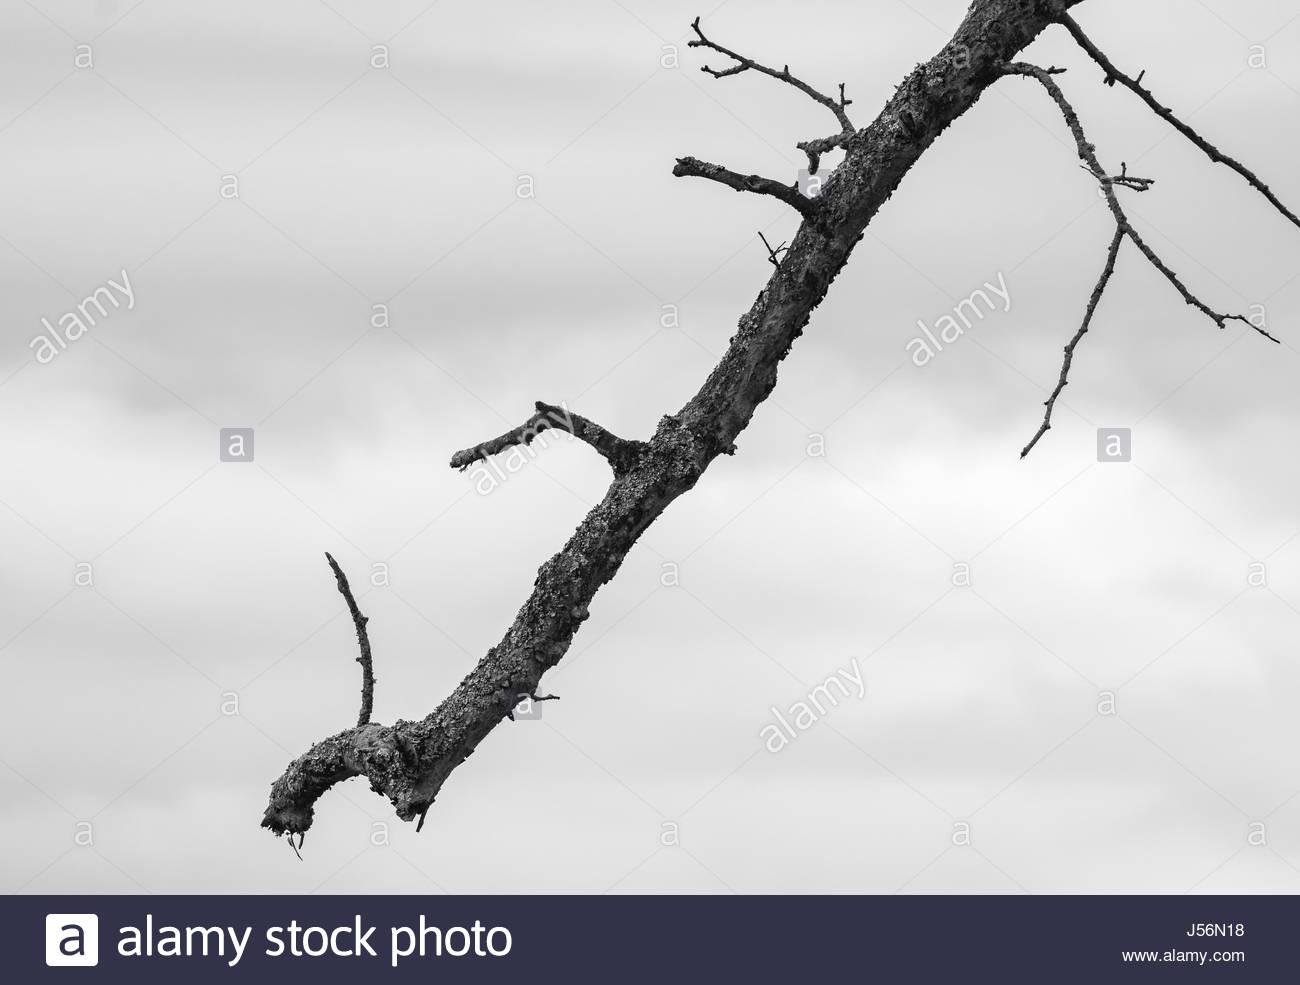 Única rama de árbol colgando con cielo nublado en el fondo. Imagen en blanco y negro. Imagen De Stock